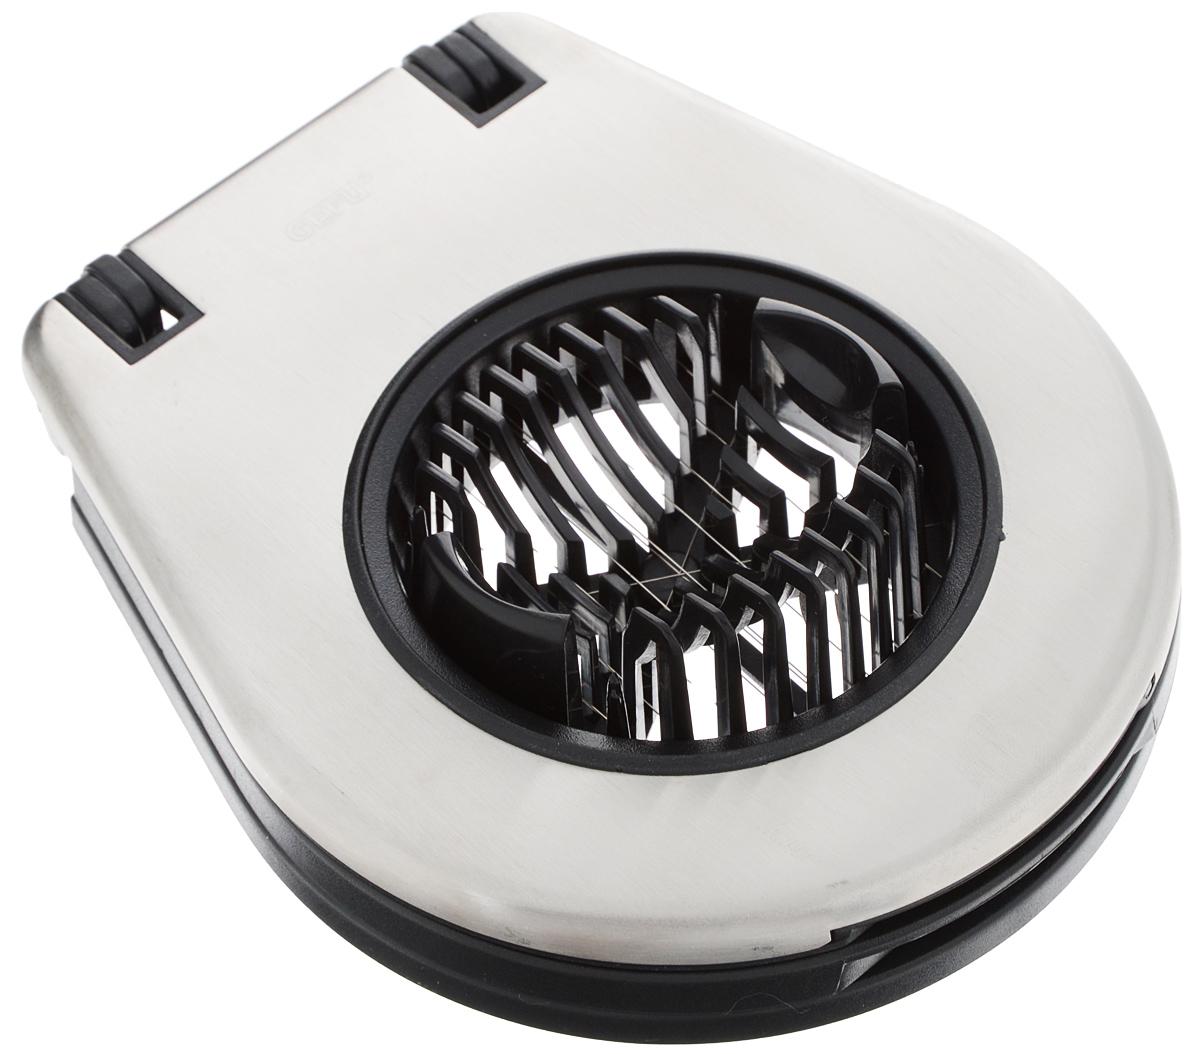 Яйцерезка Gefu Duo1001100Яйцерезка Gefu Duo выполнена из высококачественного пластика и нержавеющей стали. Приспособление позволяет нарезать яйца дольками или пластинками, а также подходит для нарезки мелкого отваренного картофеля. Механизм работы чрезвычайно прост: очищенное яйцо или картофель устанавливается в специальное ложе, а затем поочерёдно опускаются две рамки с режущими струнами. Яйцерезка имеет компактный размер и не займет много места на кухне. Такое изделие по-настоящему облегчает процесс готовки. Можно мыть в посудомоечной машине. Размер яйцерезки: 11 х 13 х 3,5 см.